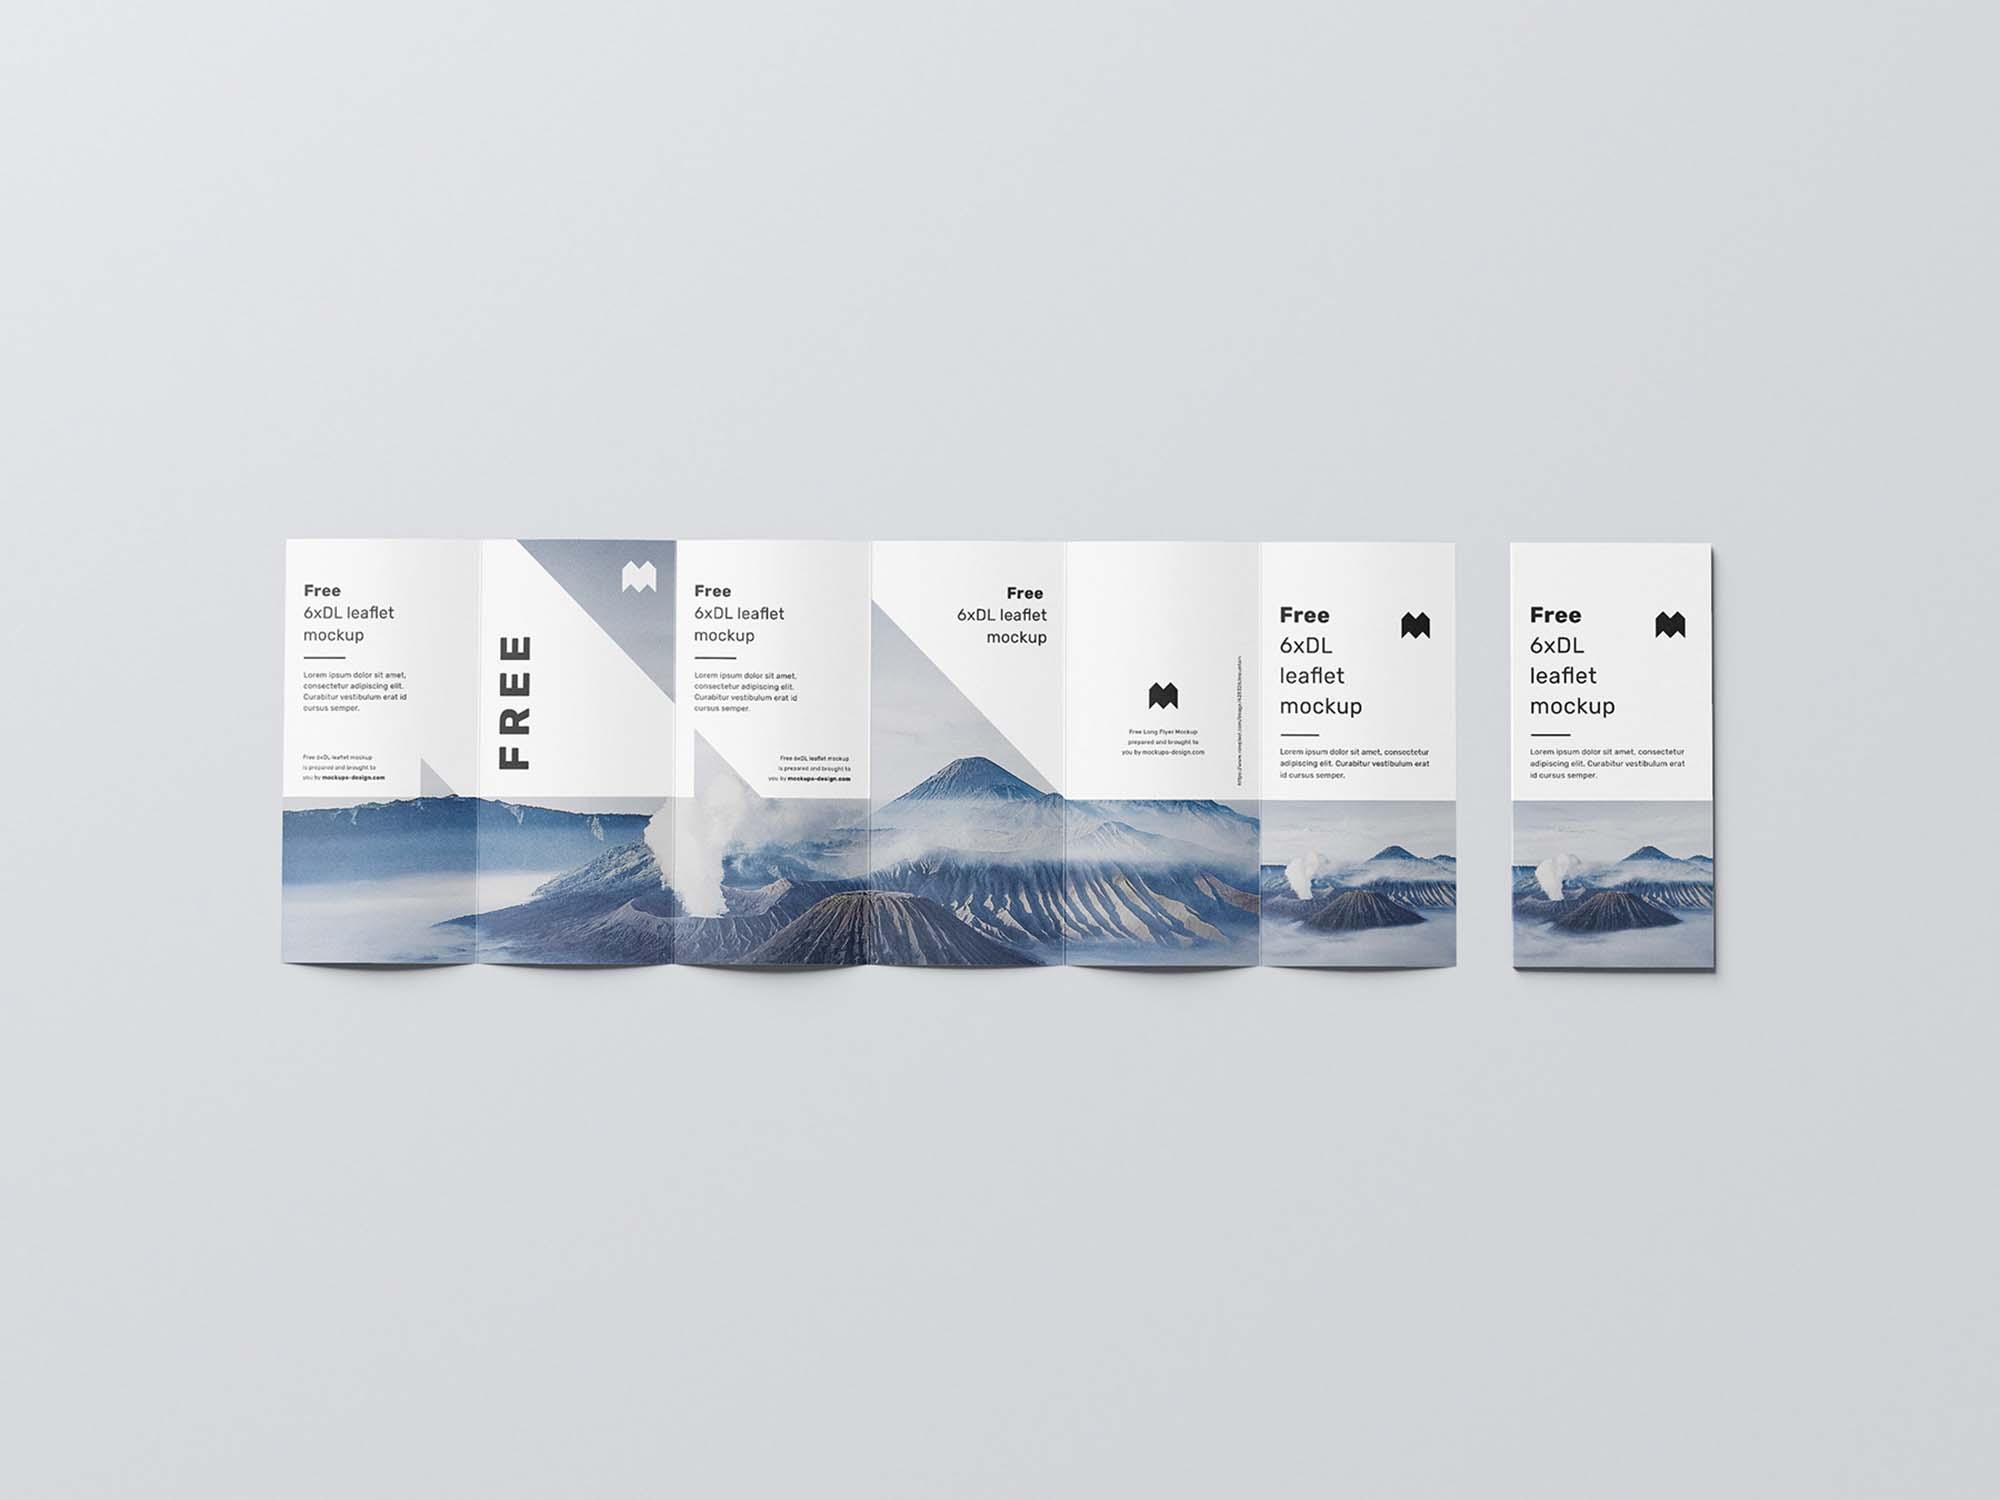 6 Fold DL Leaflet Mockup 2